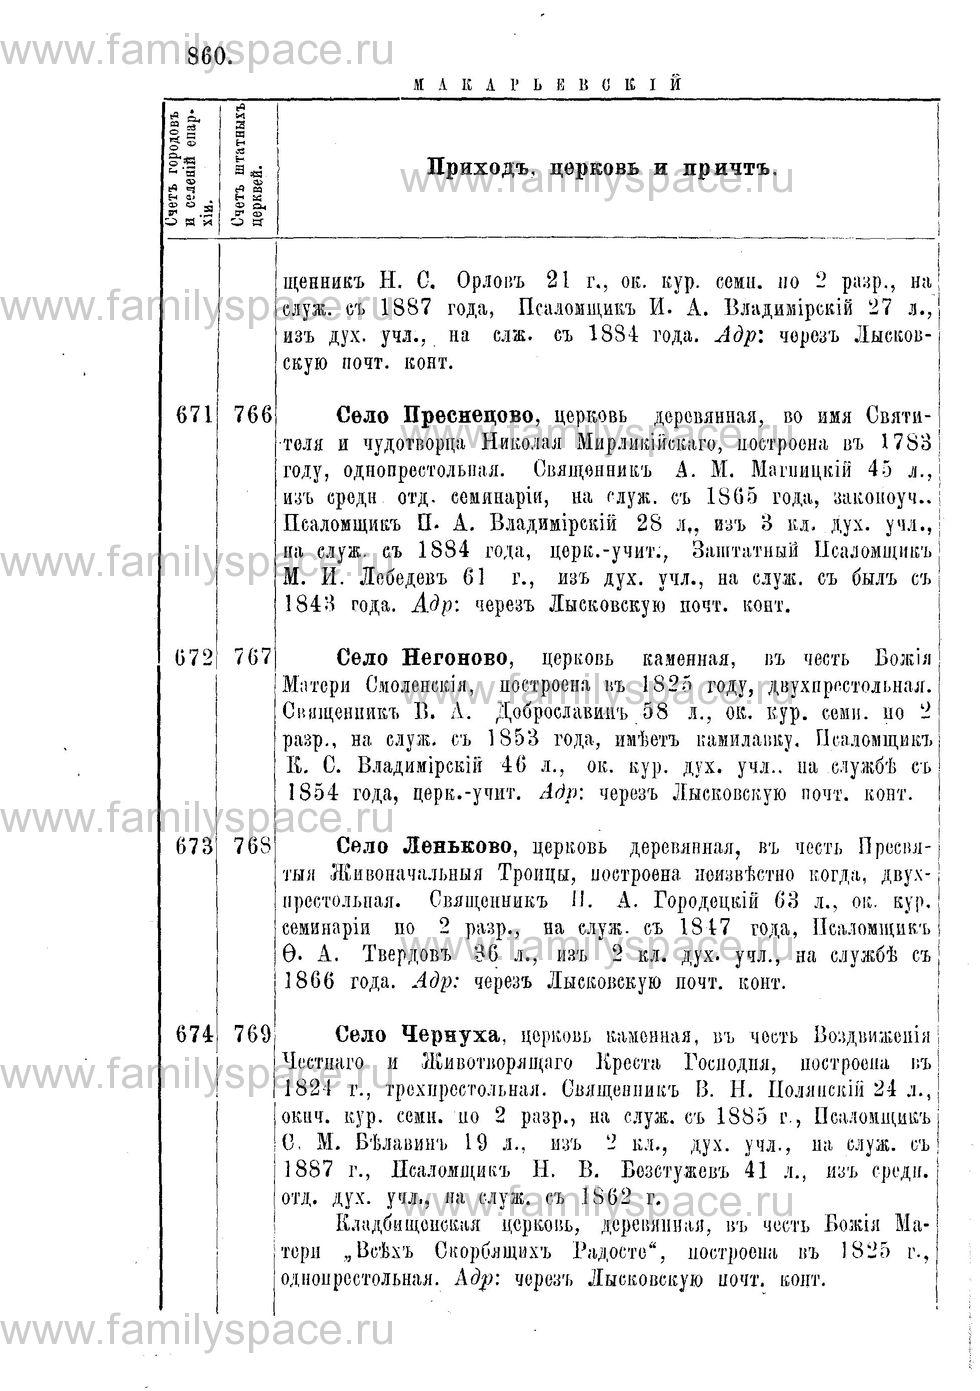 Поиск по фамилии - Адрес-календарь Нижегородской епархии на 1888 год, страница 1860